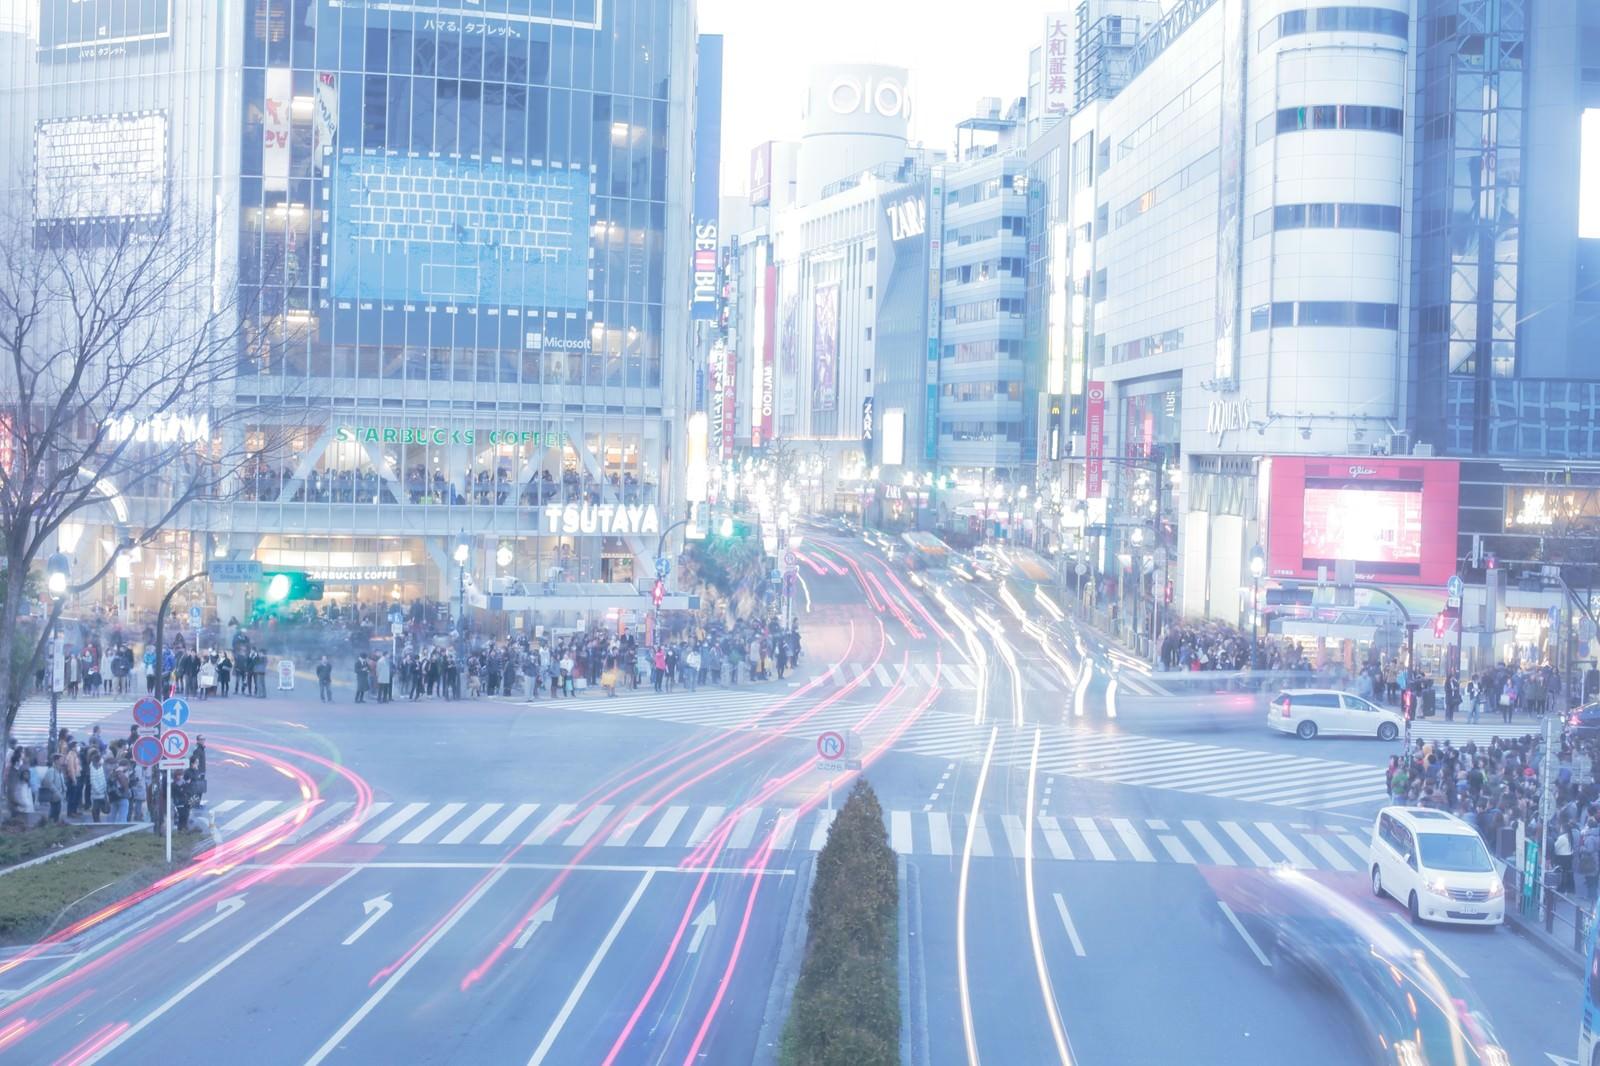 「レトロな雰囲気が残る未来っぽい渋谷スクランブル交差点」の写真